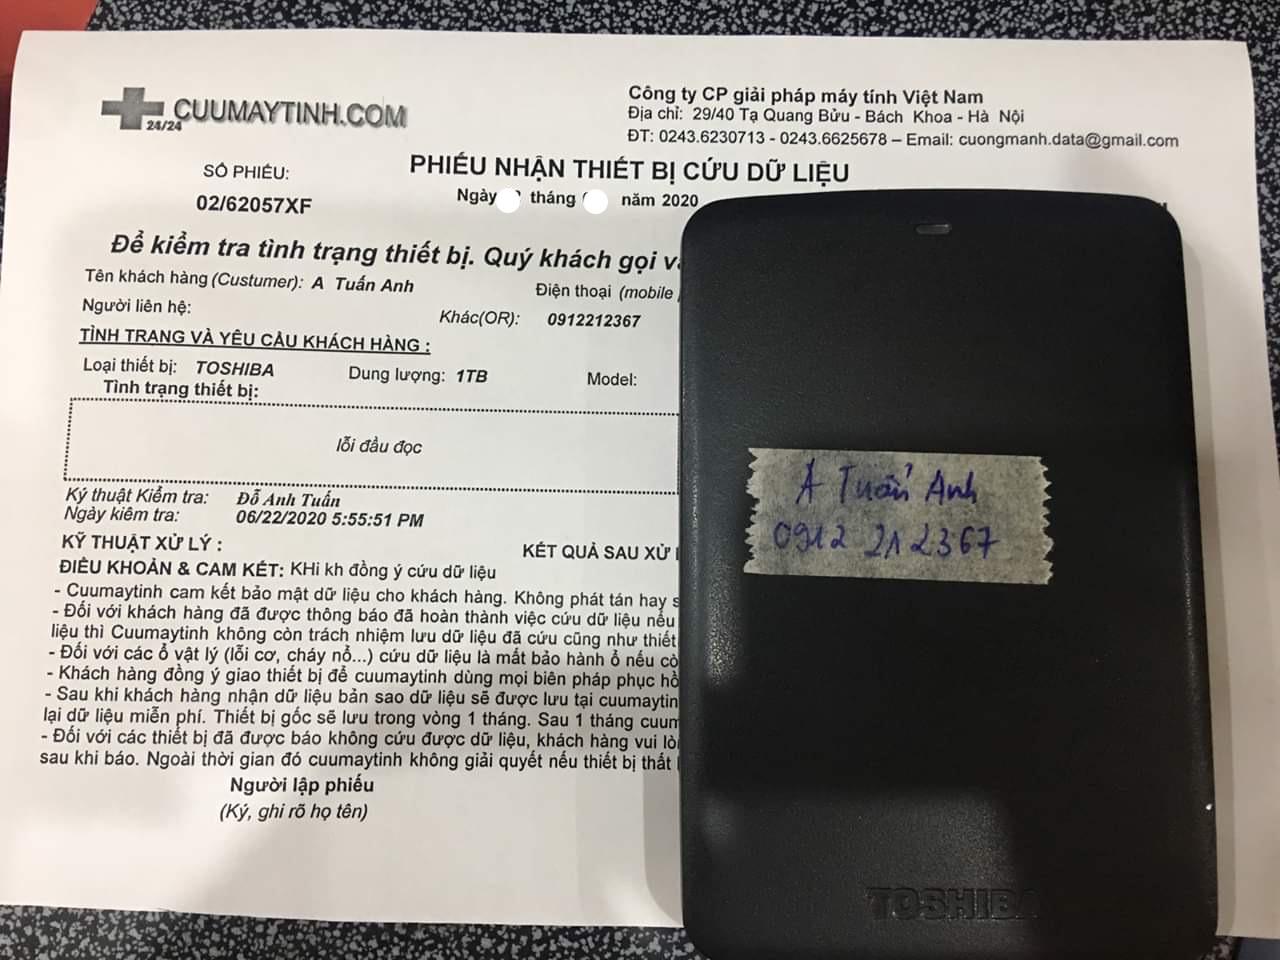 Khôi phục dữ liệu ổ cứng Toshiba 1TB lỗi đầu đọc 01/07/2020 - cuumaytinh